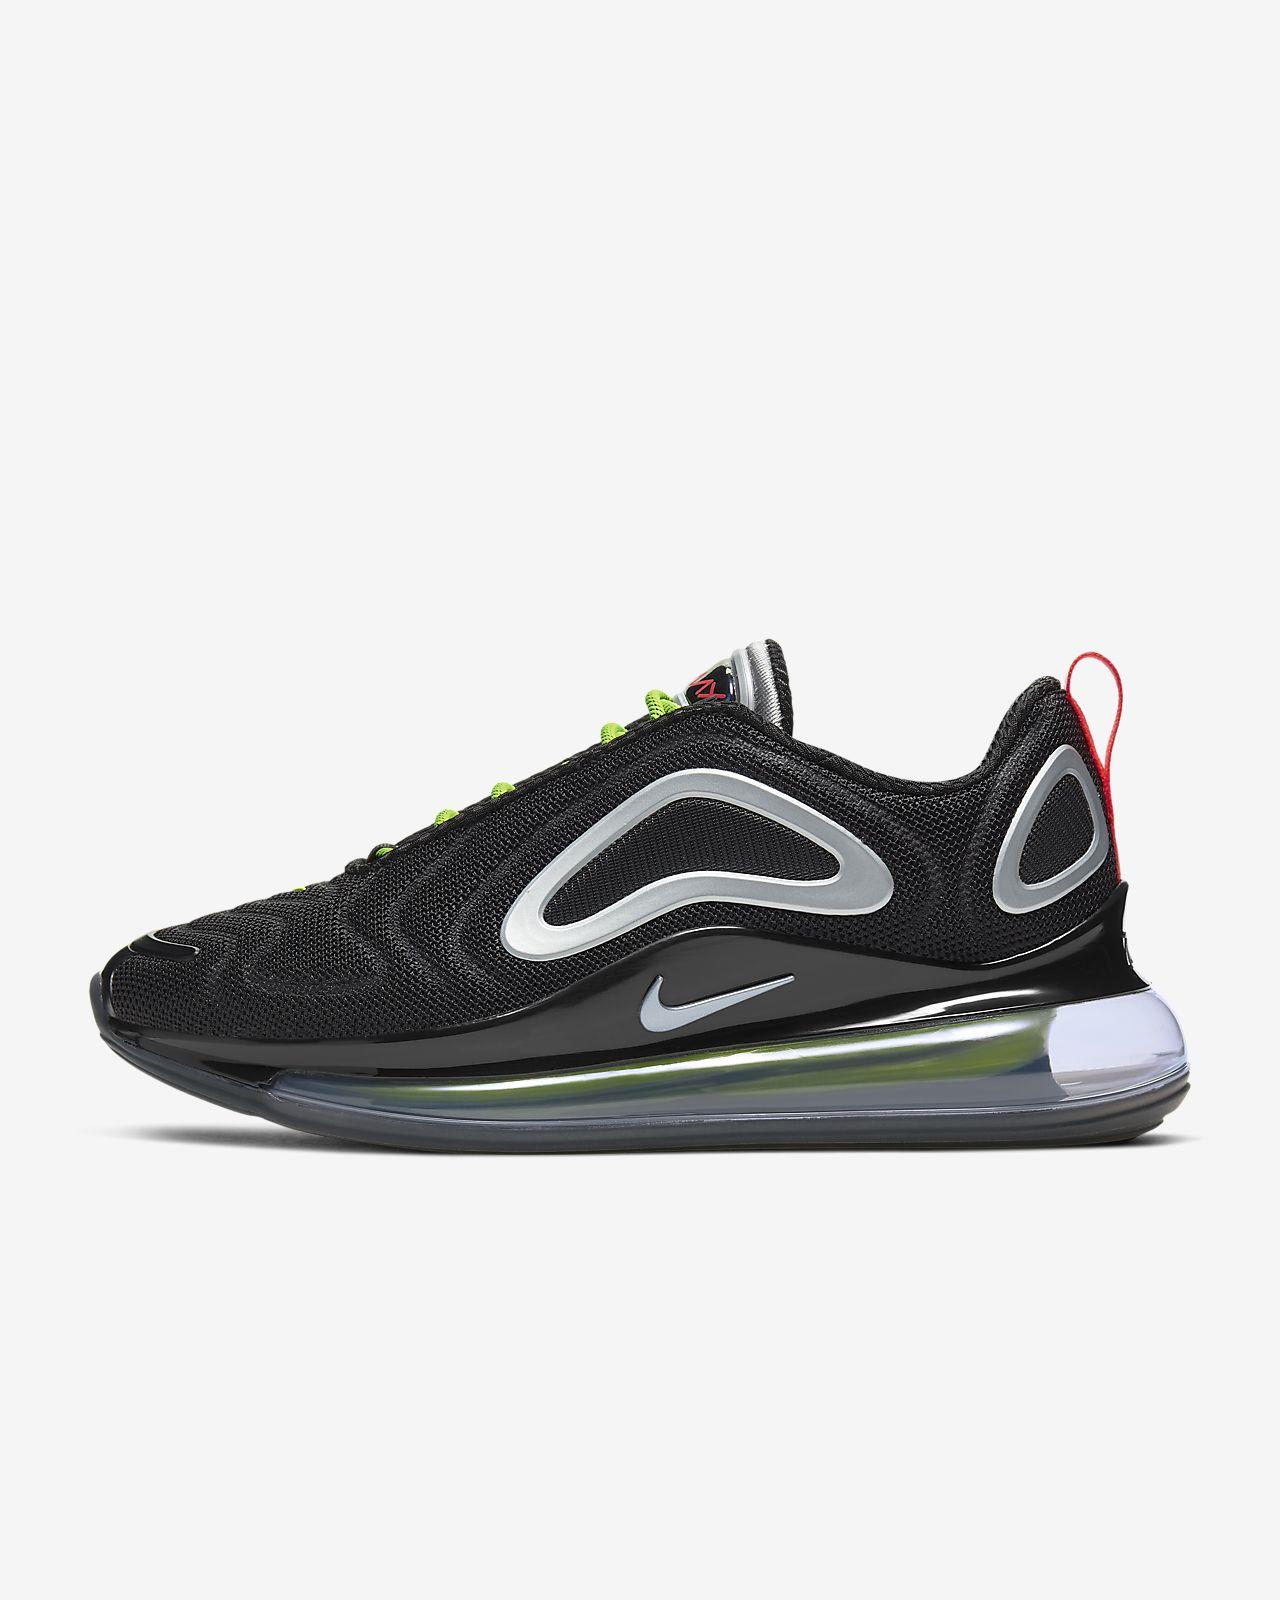 Nike Air Max 720 goedkoop | BESLIST.nl | Alle aanbiedingen